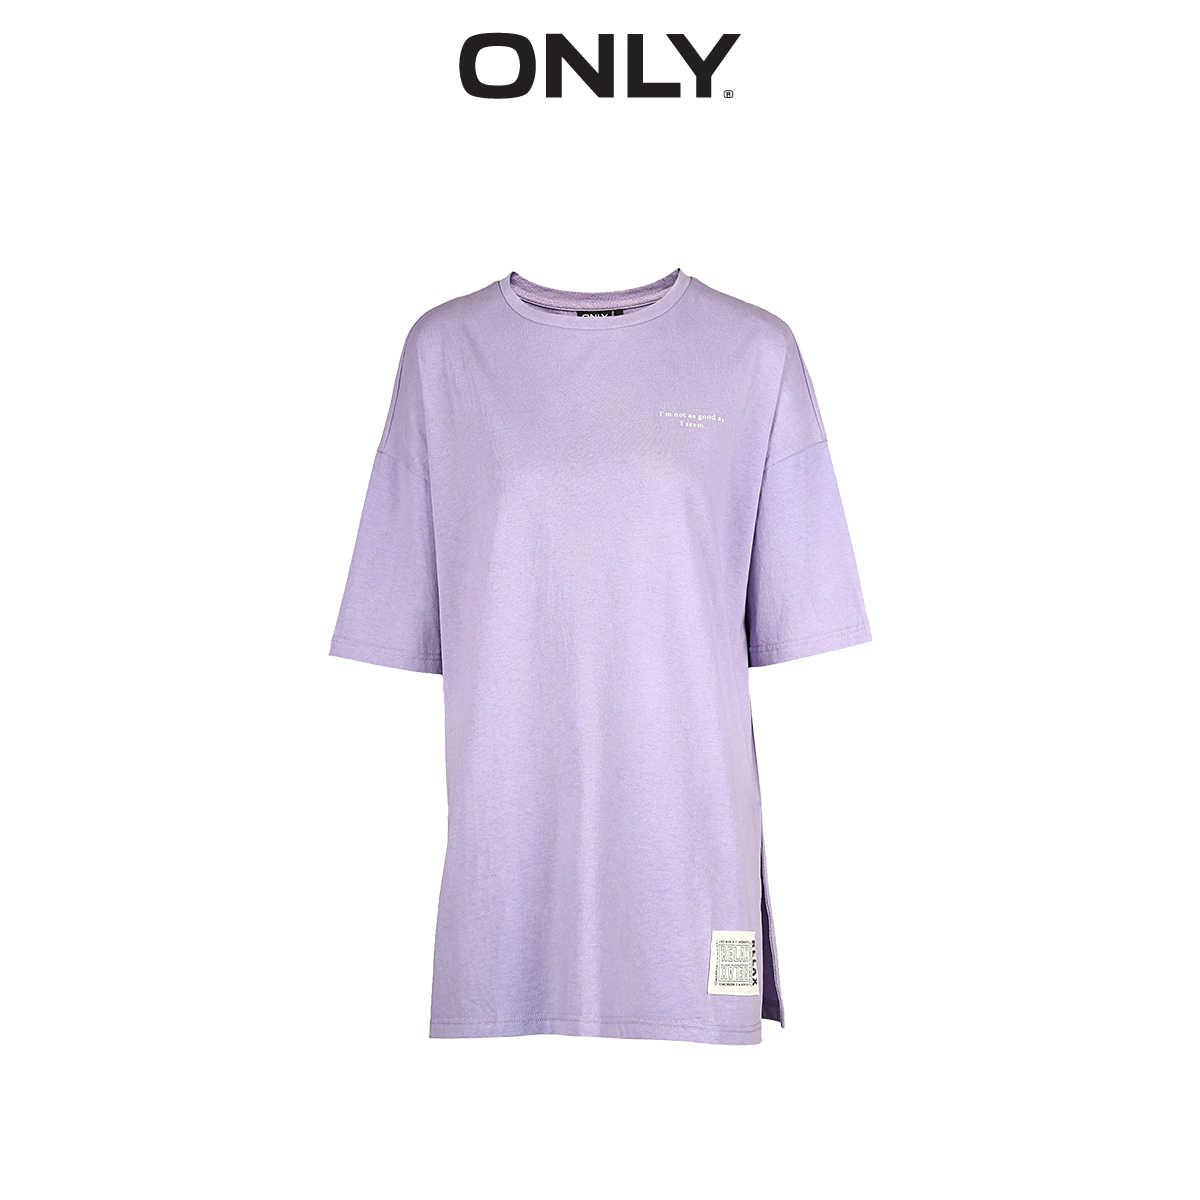 Только 2019 Весна Лето Новая женская Свободная футболка с круглым вырезом и буквенным принтом | 119101548